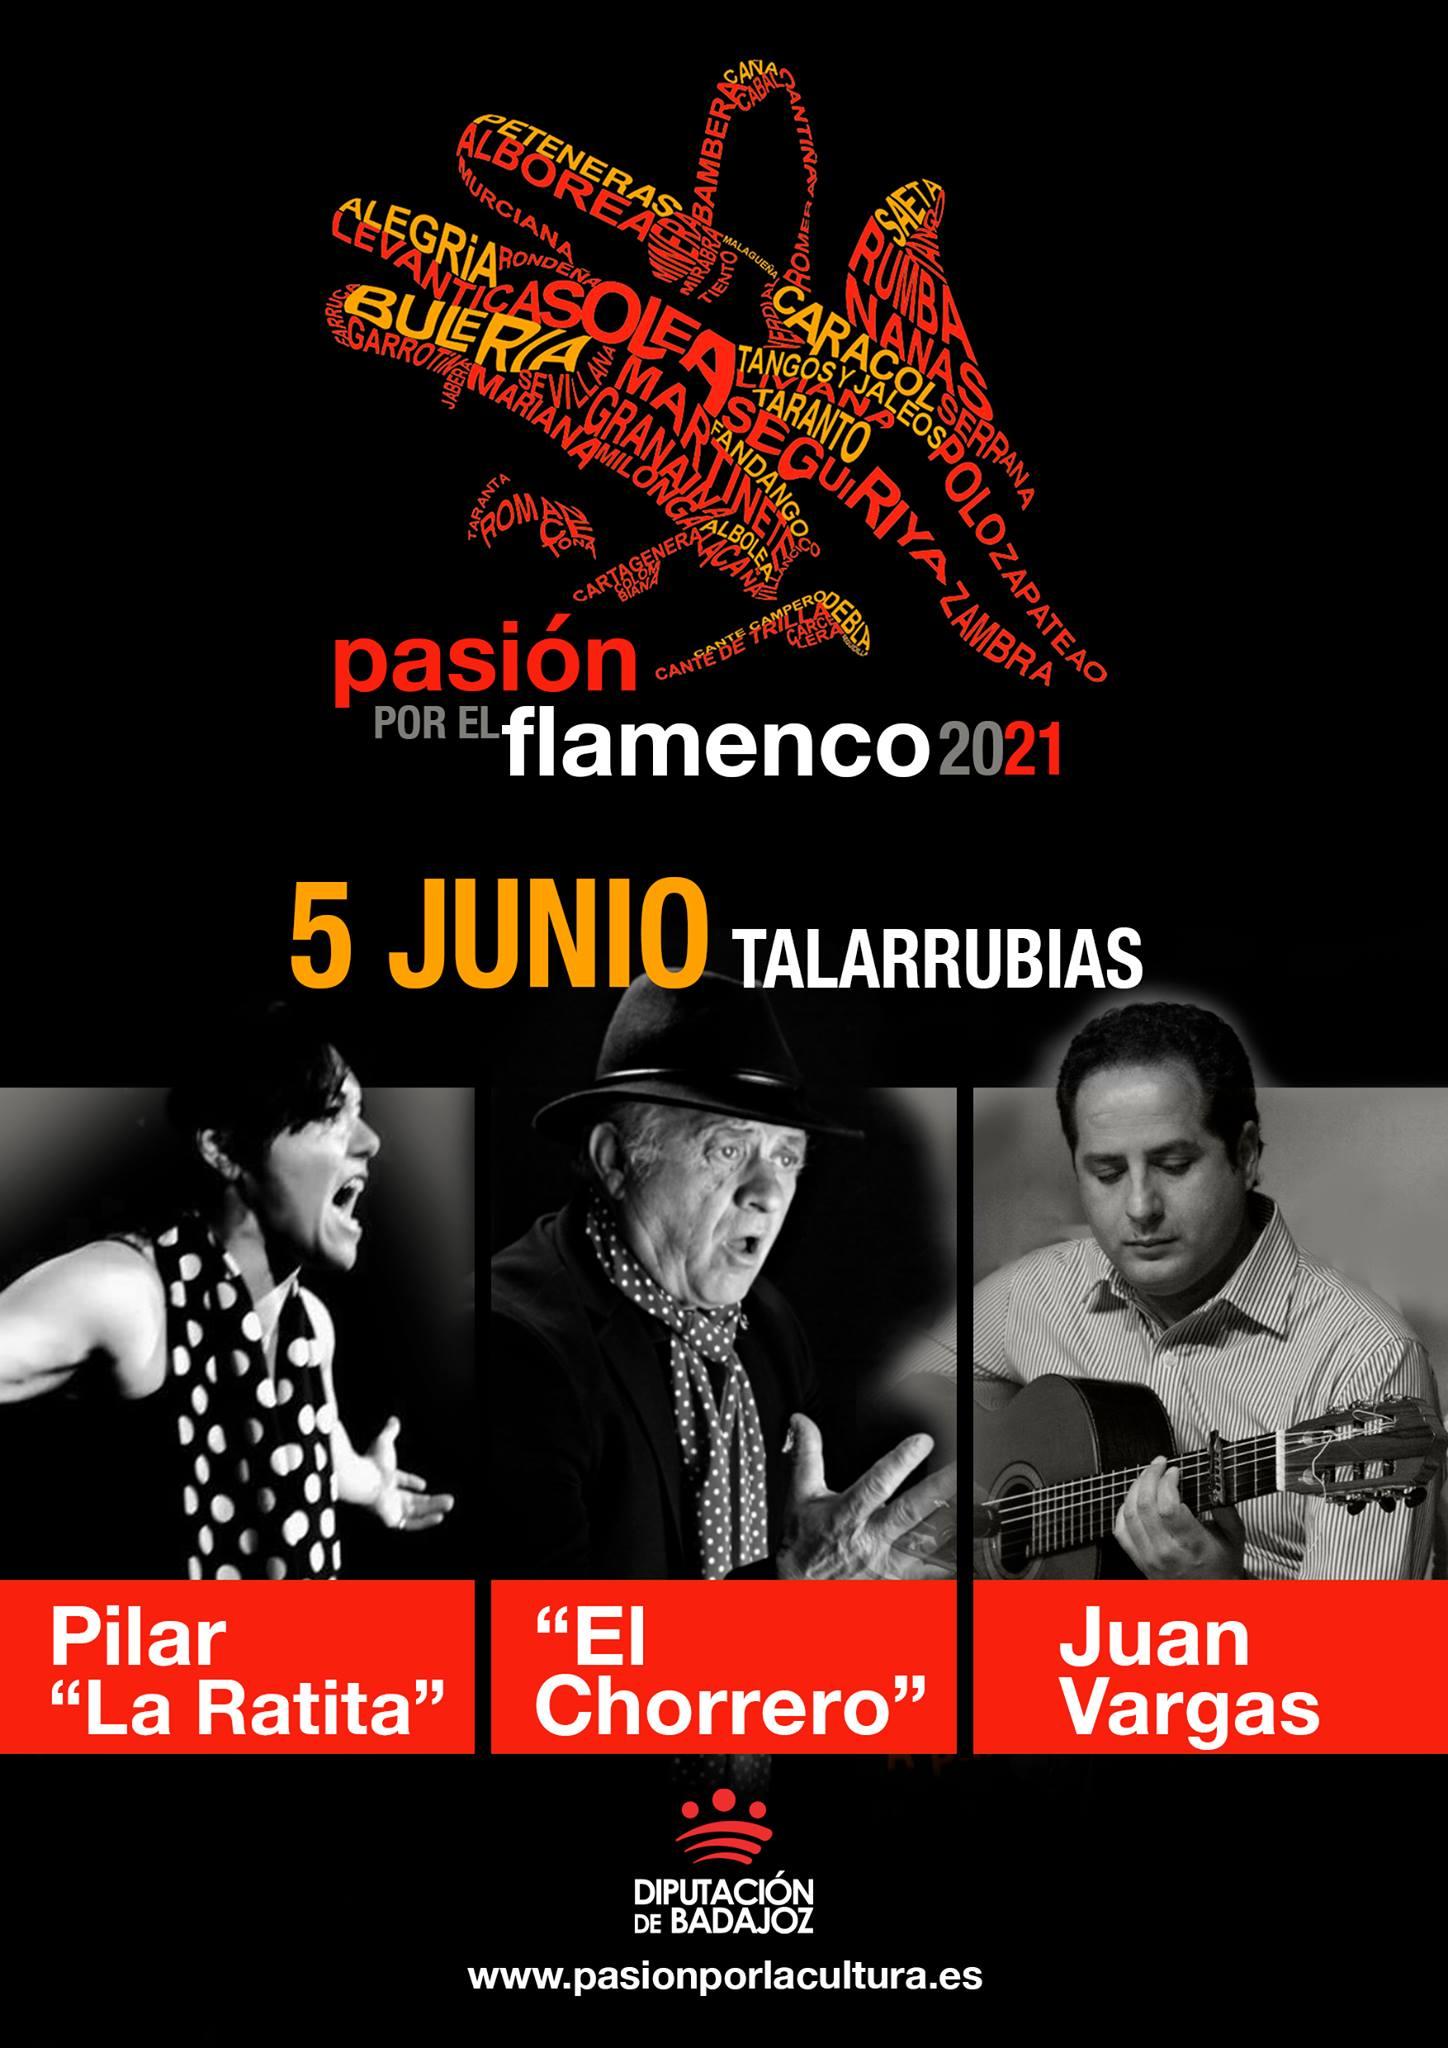 PASIÓN POR EL FLAMENCO | Pilar 'La Ratita' + El Chorrero + Juan Vargas